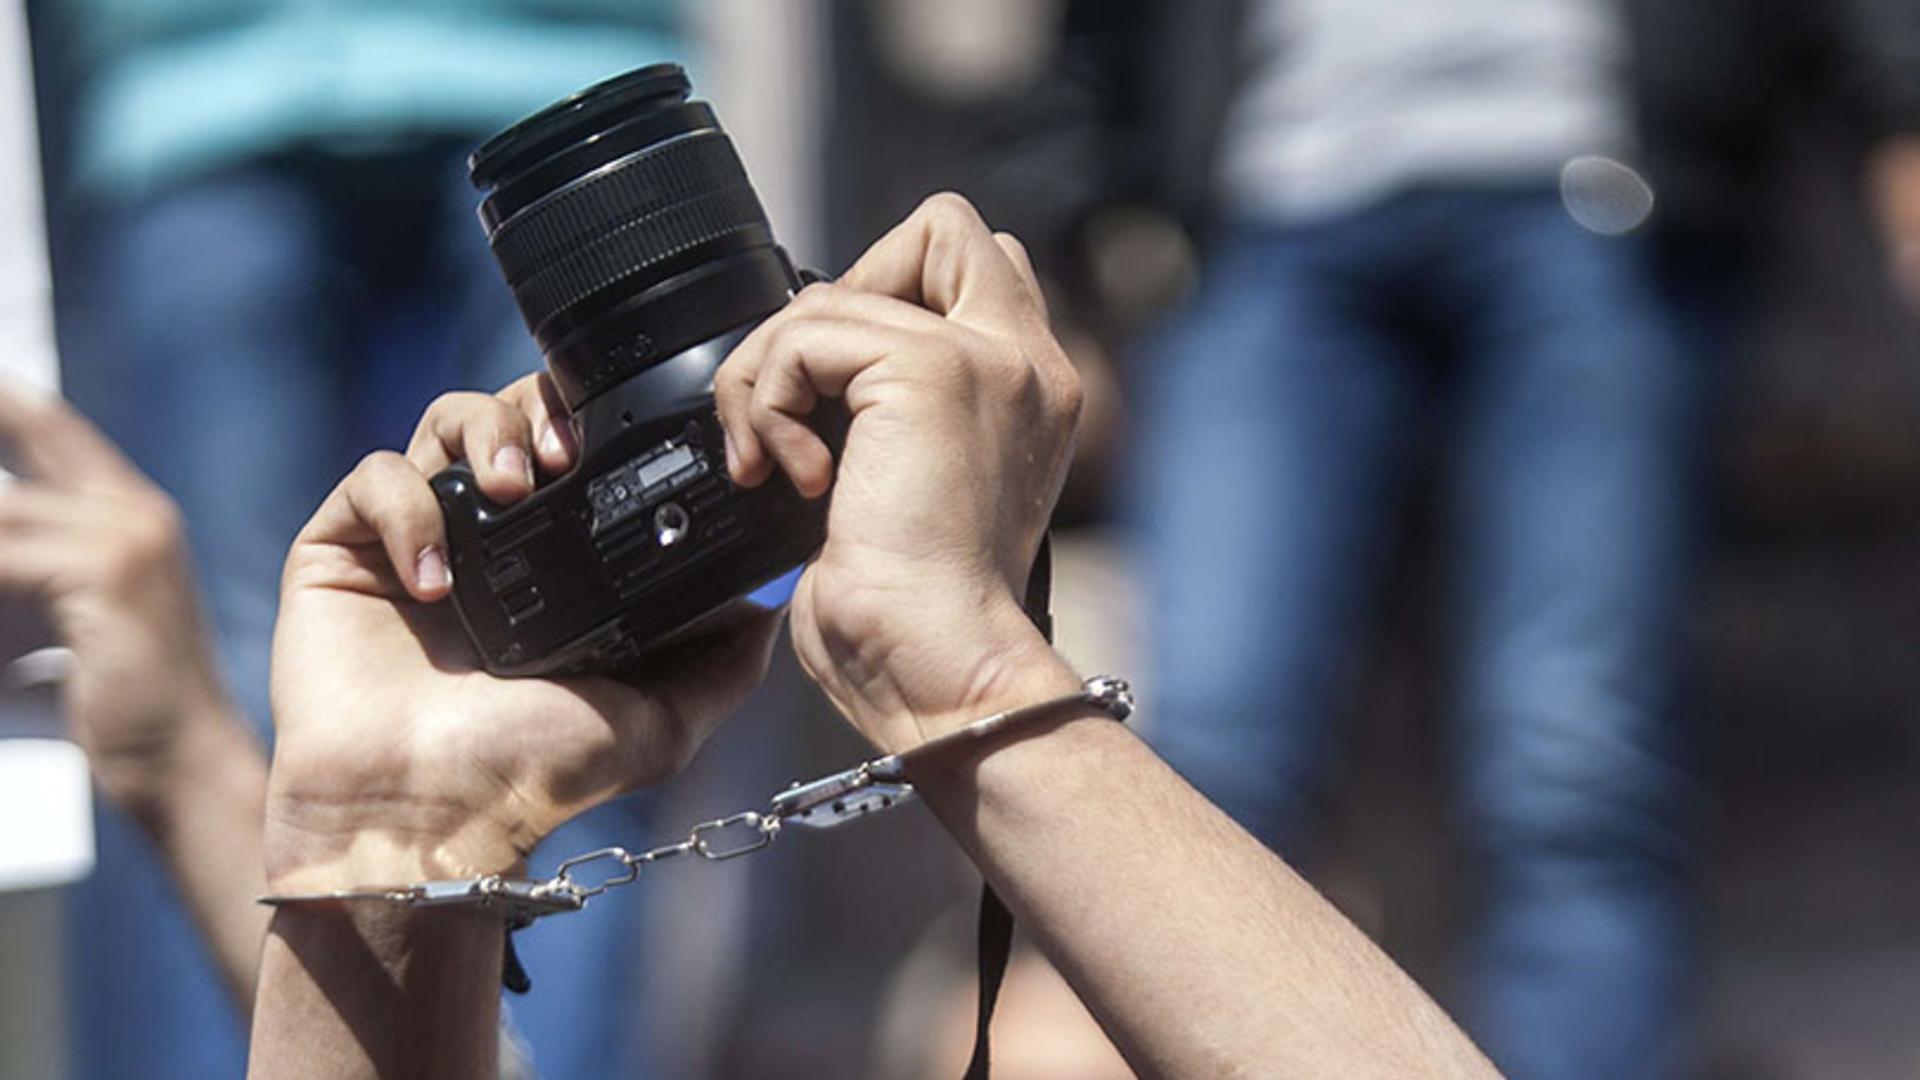 العراق في ذيل قائمة التصنيف العالمي الخاص بحرية الصحافة